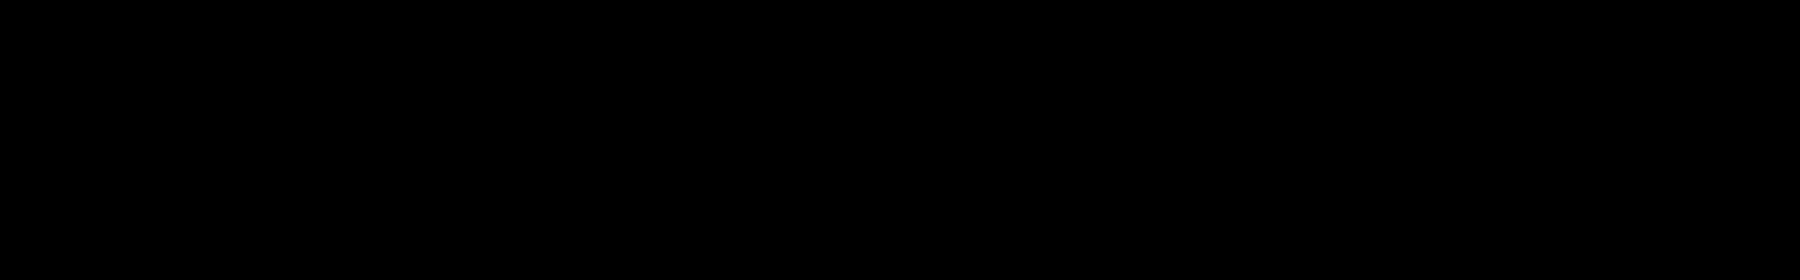 SINEE - Augen der Nacht audio waveform